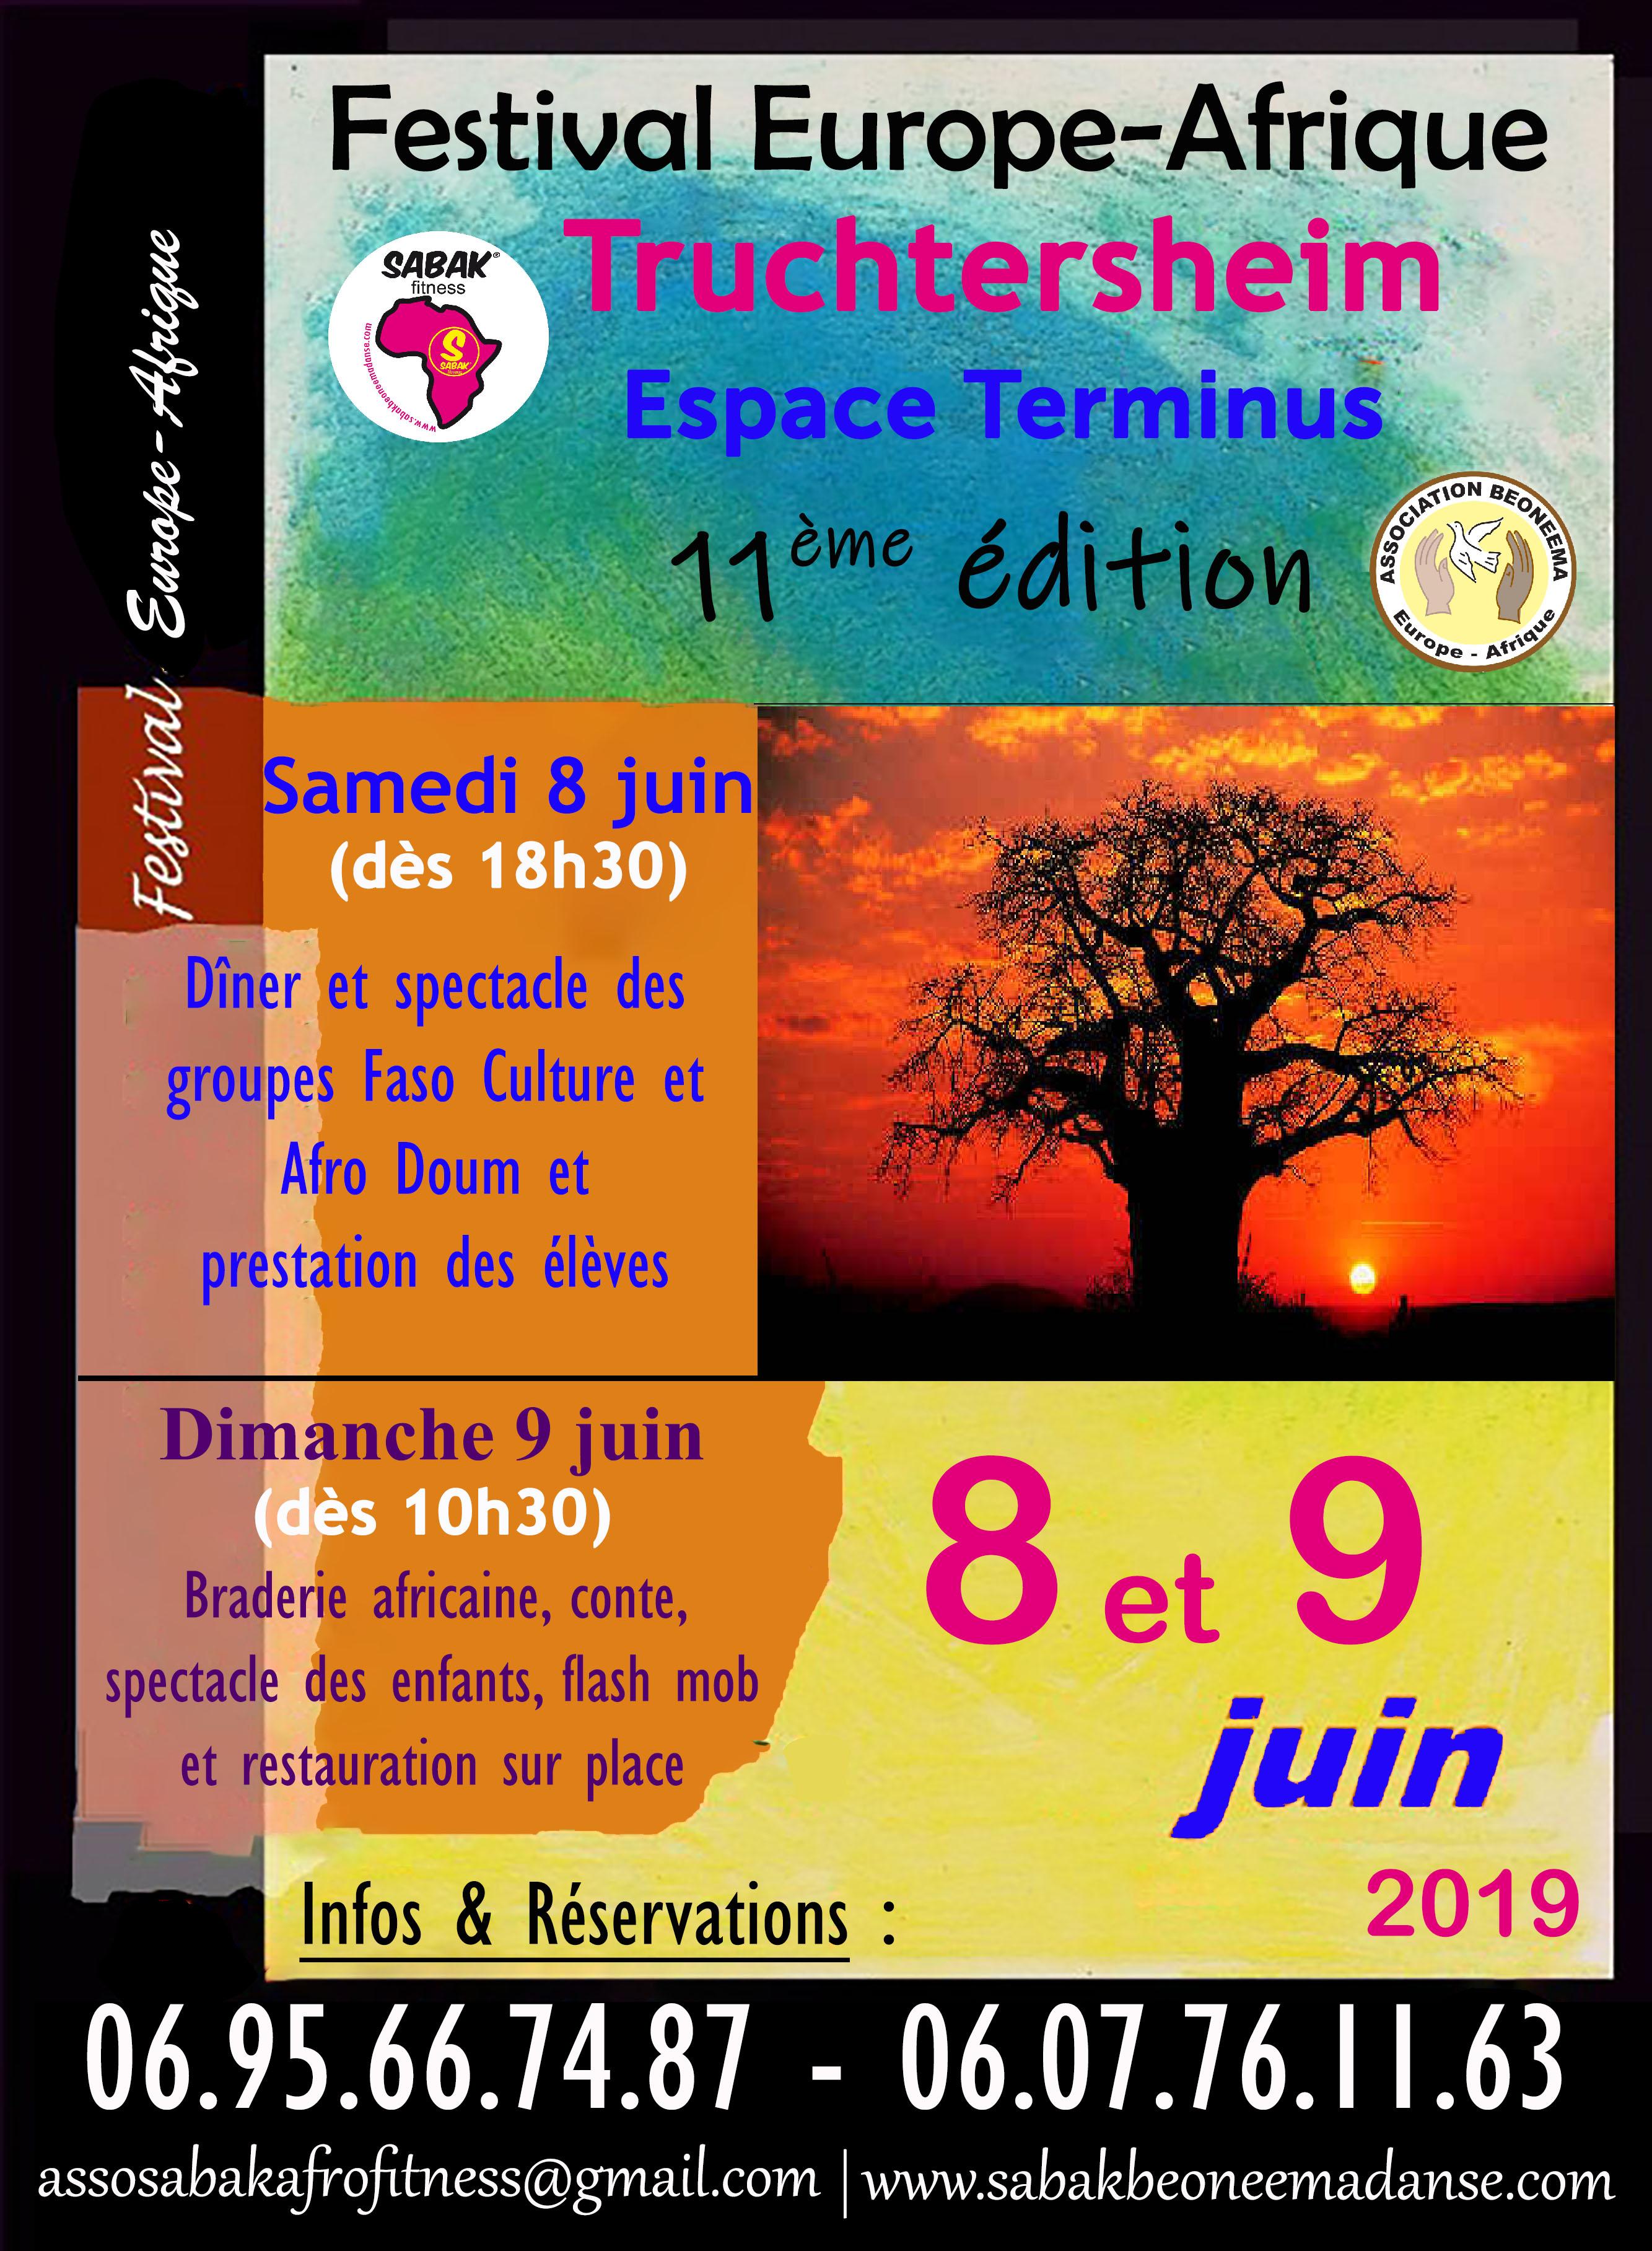 FESTIVAL EUROPE-AFRIQUE